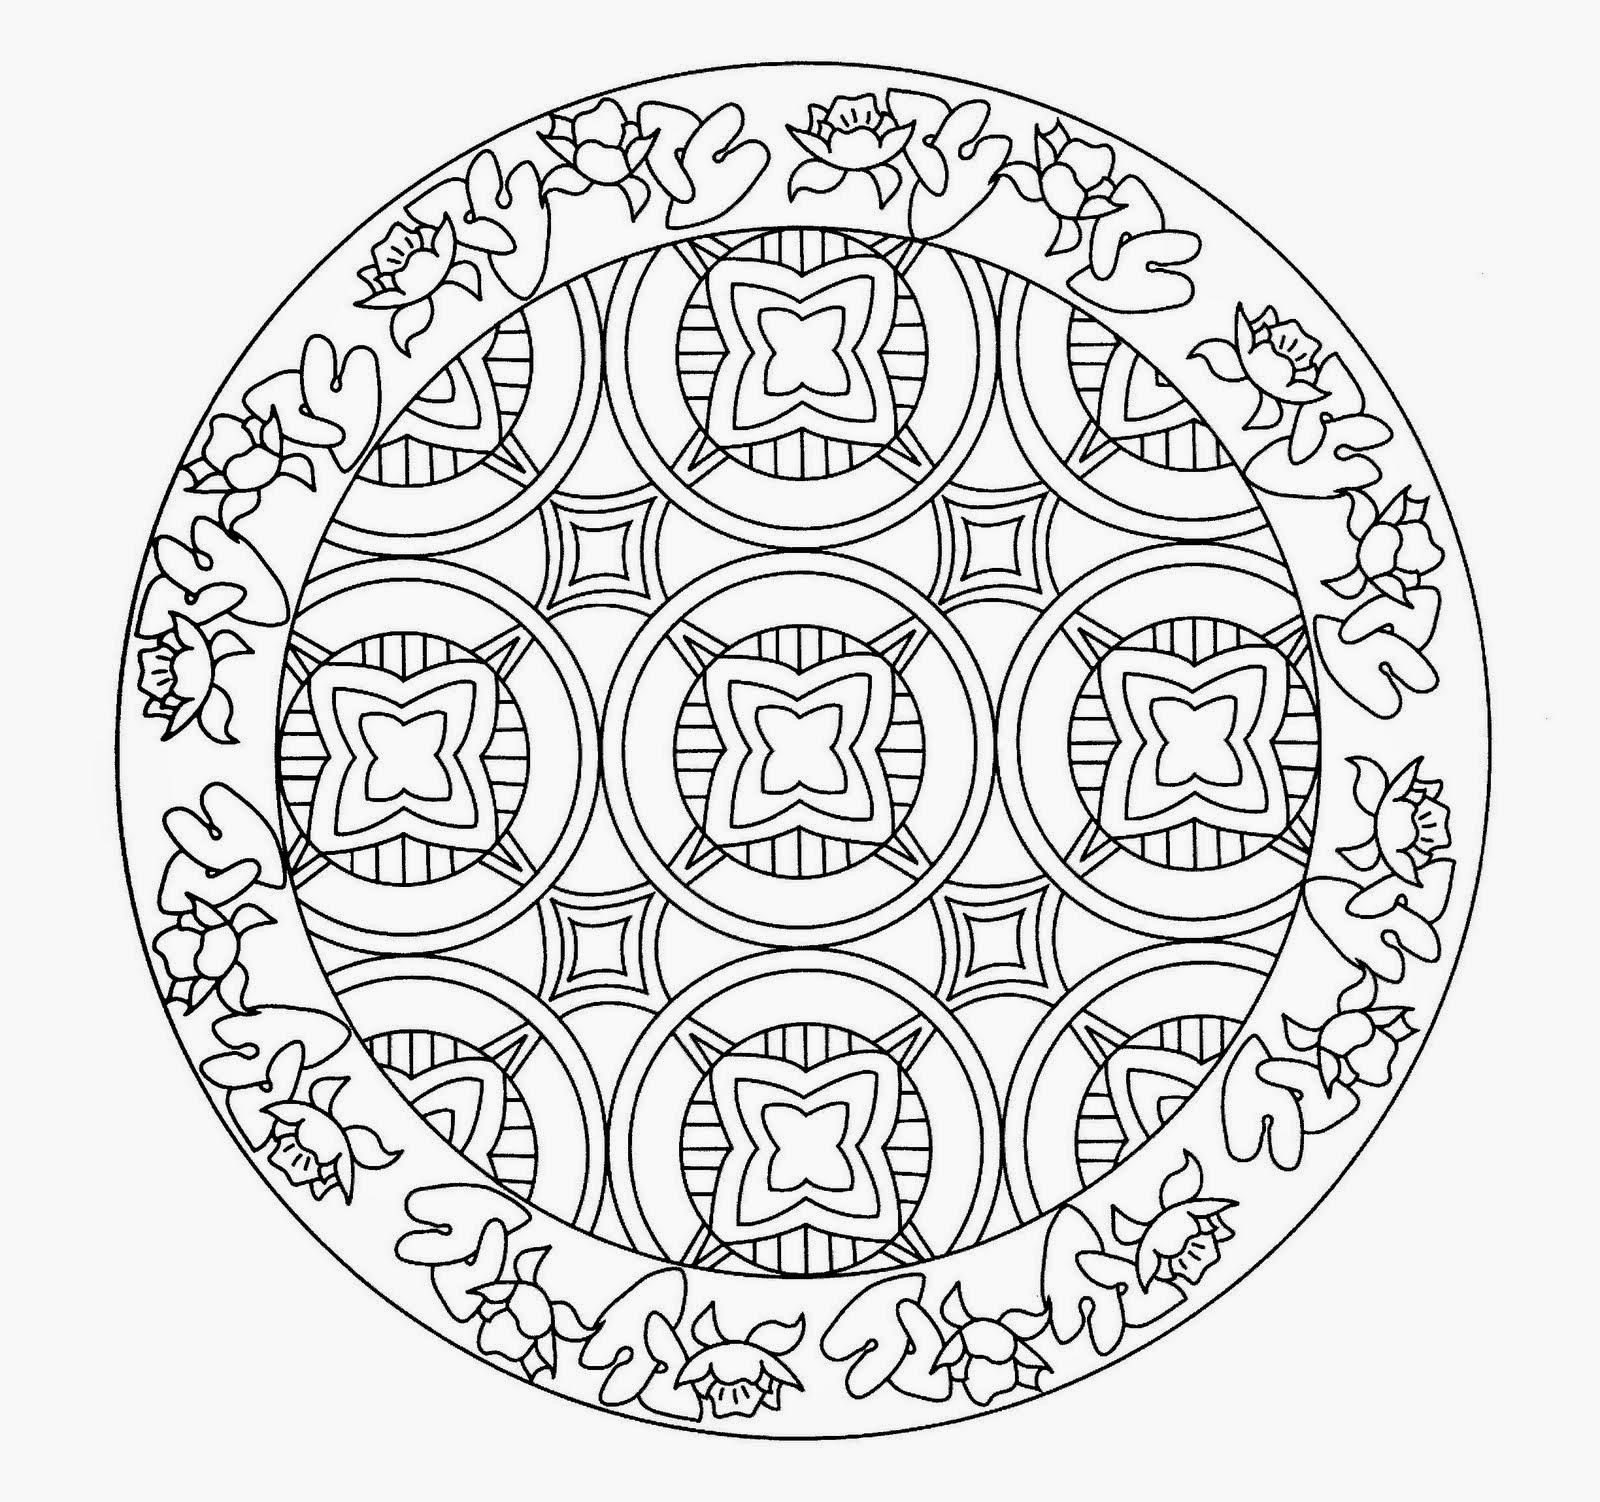 Cientual mandalas para pintar - Mandala a imprimer gratuit ...